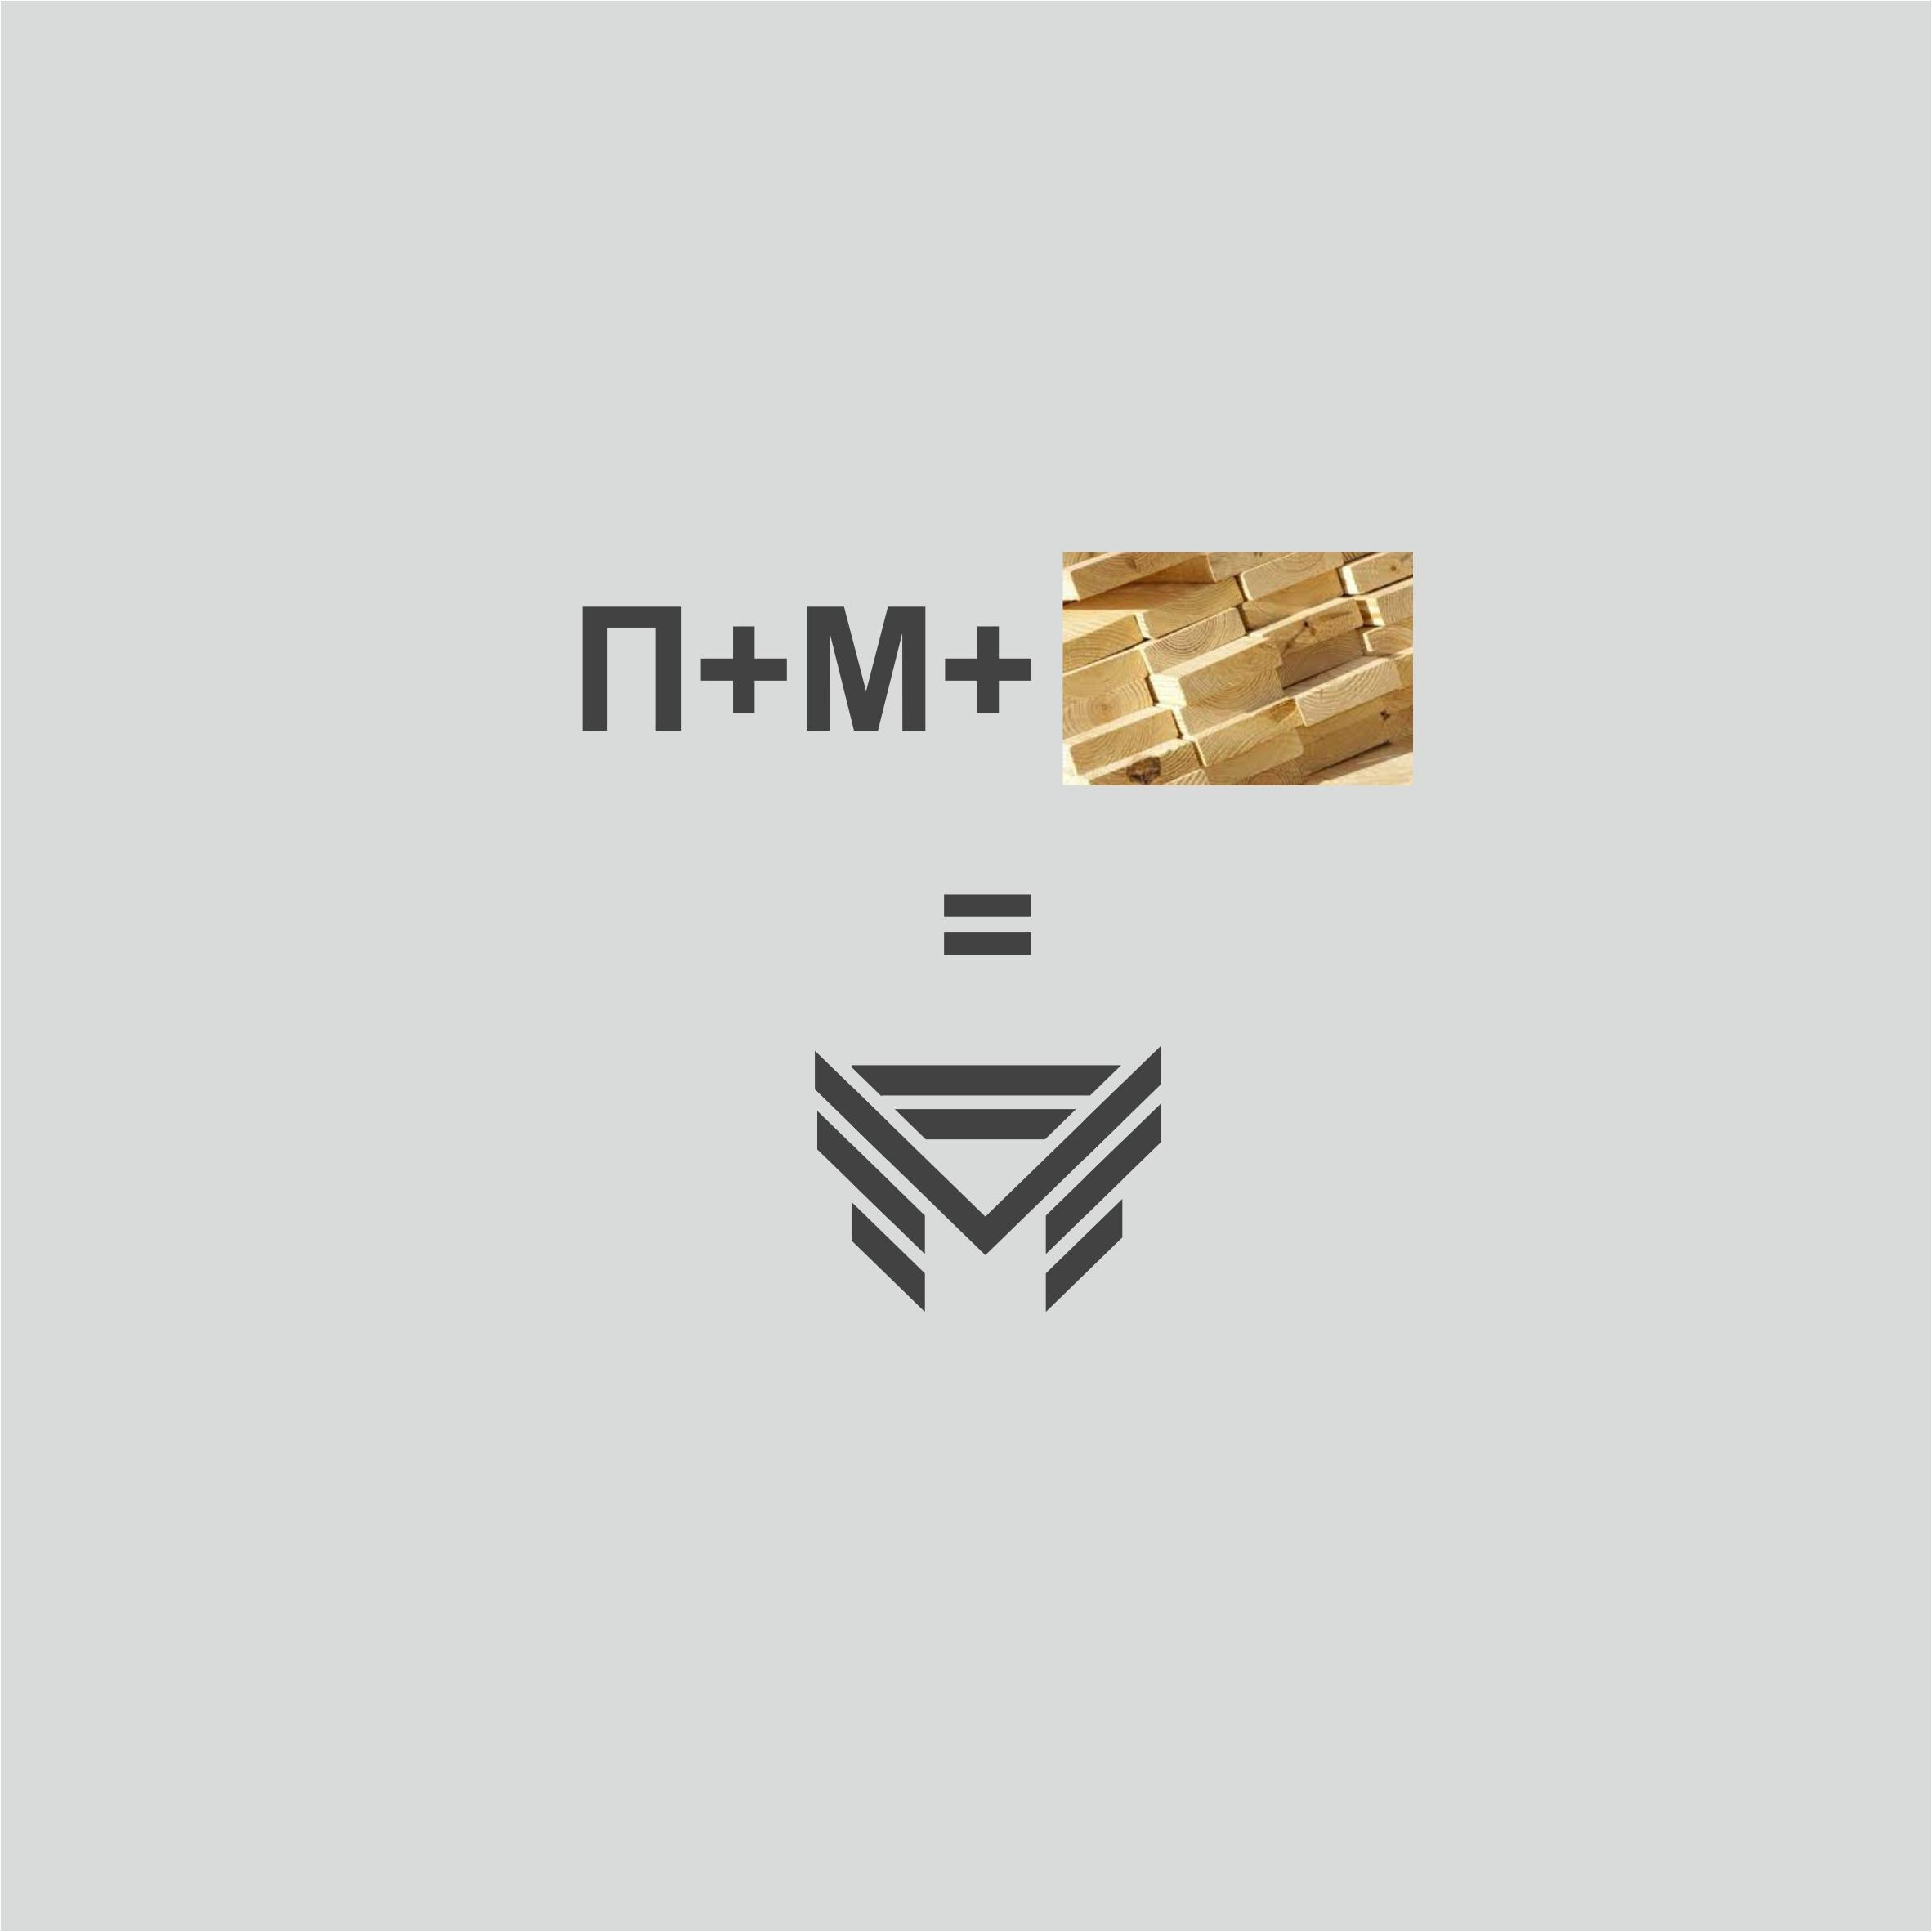 """Создание логотипа и фирменного стиля """"Пиломатериалы.РФ"""" фото f_3205307afd2de566.jpg"""